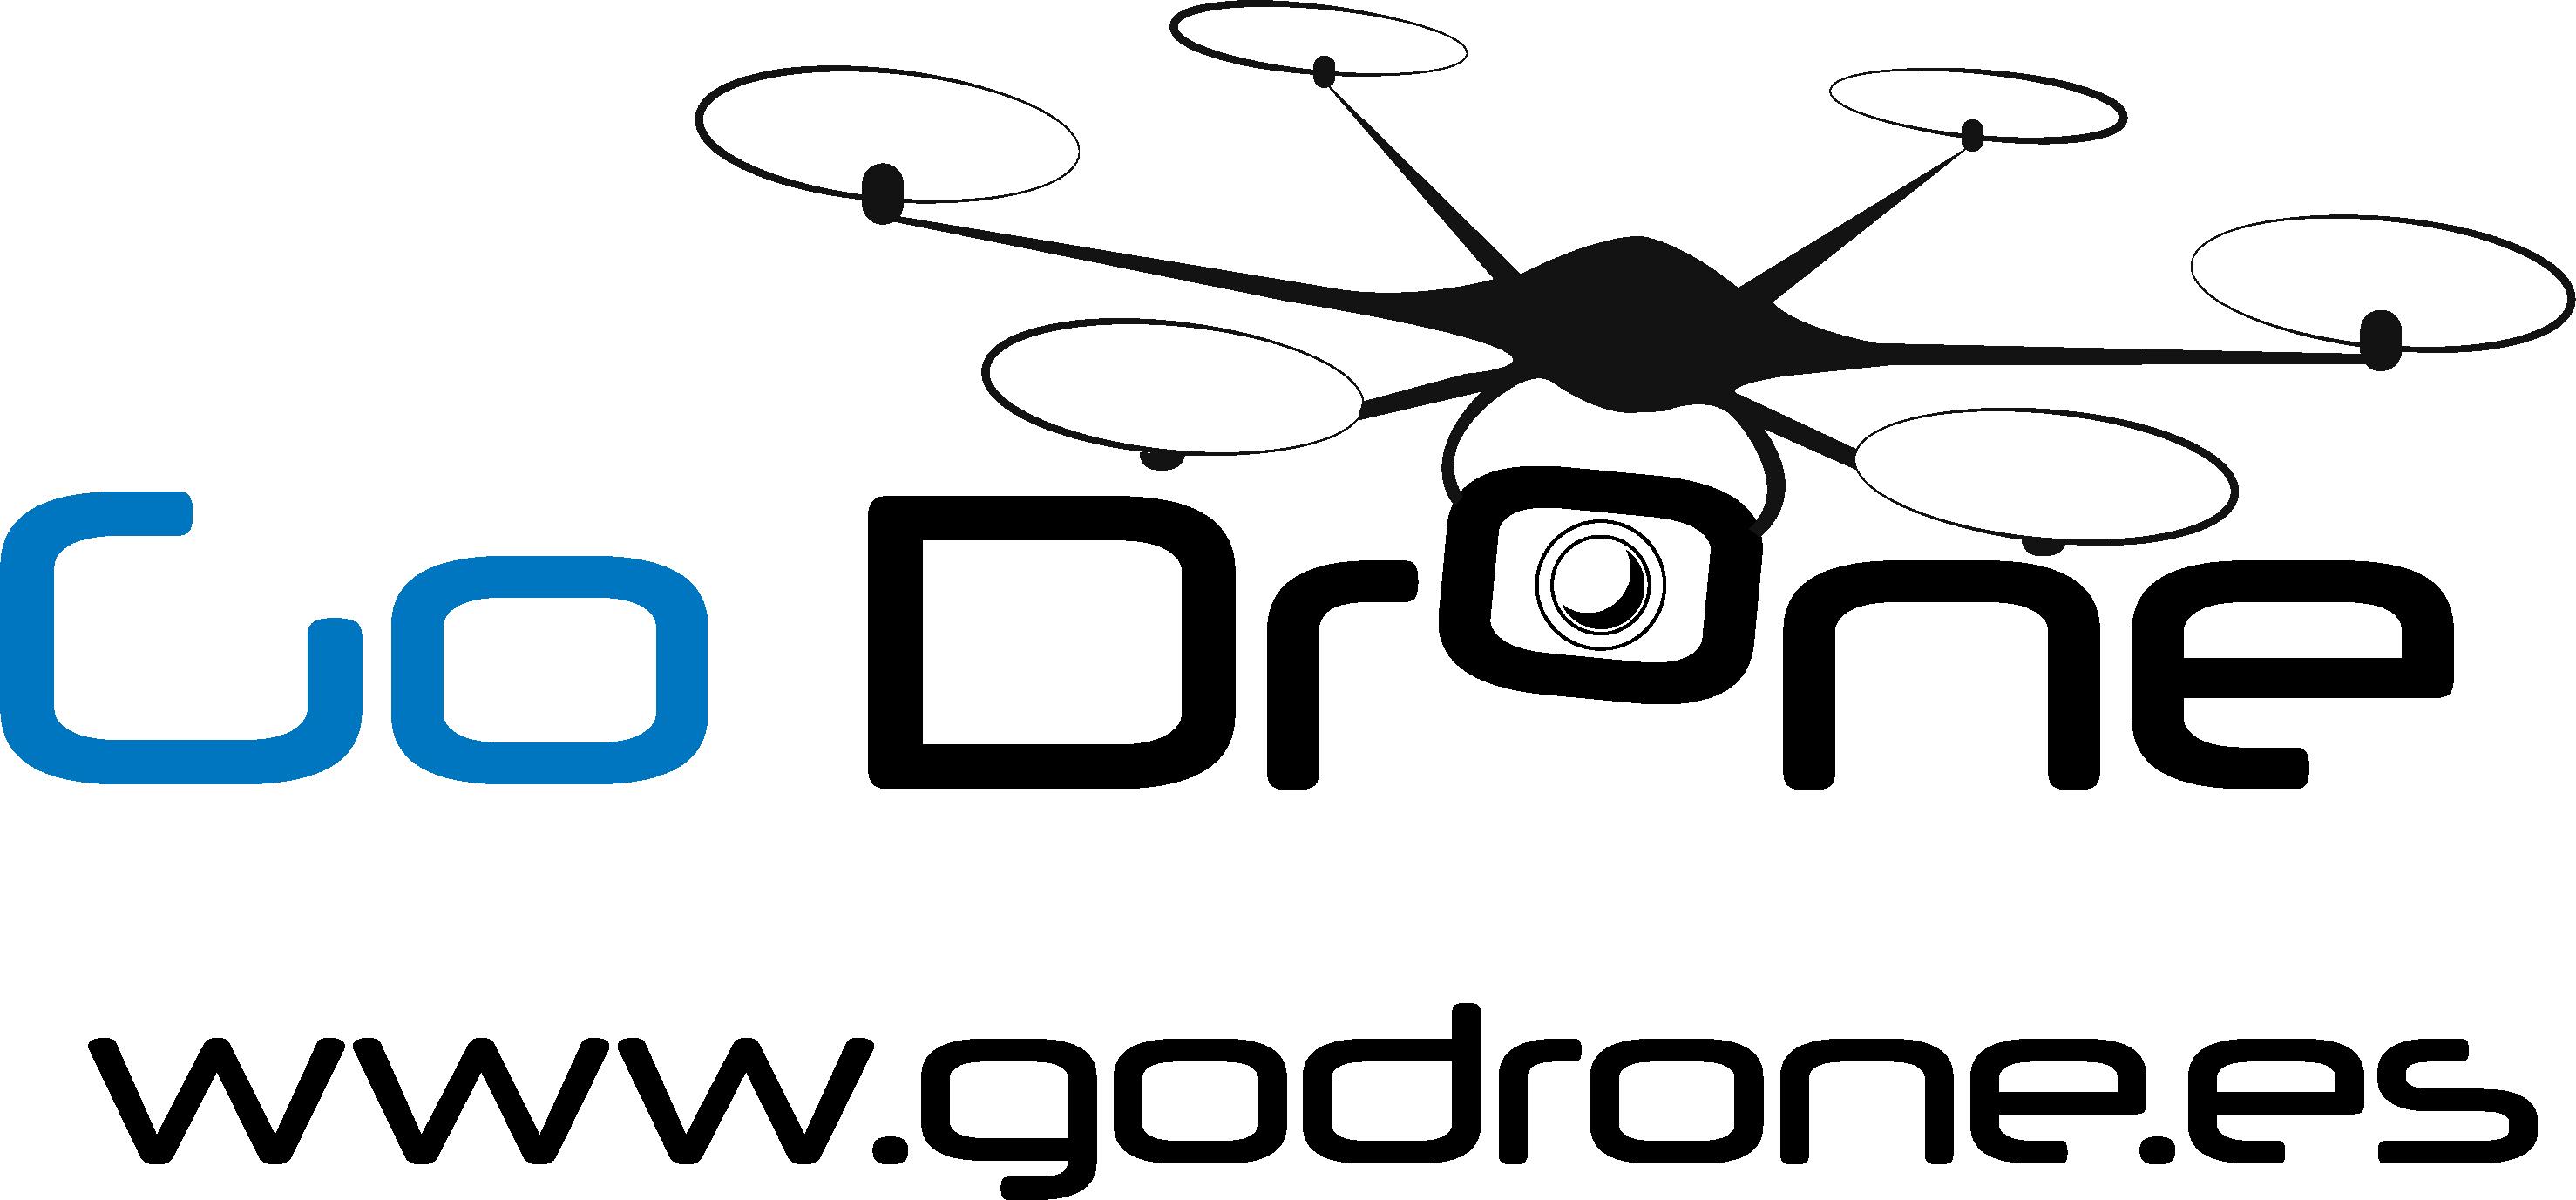 Go Drone